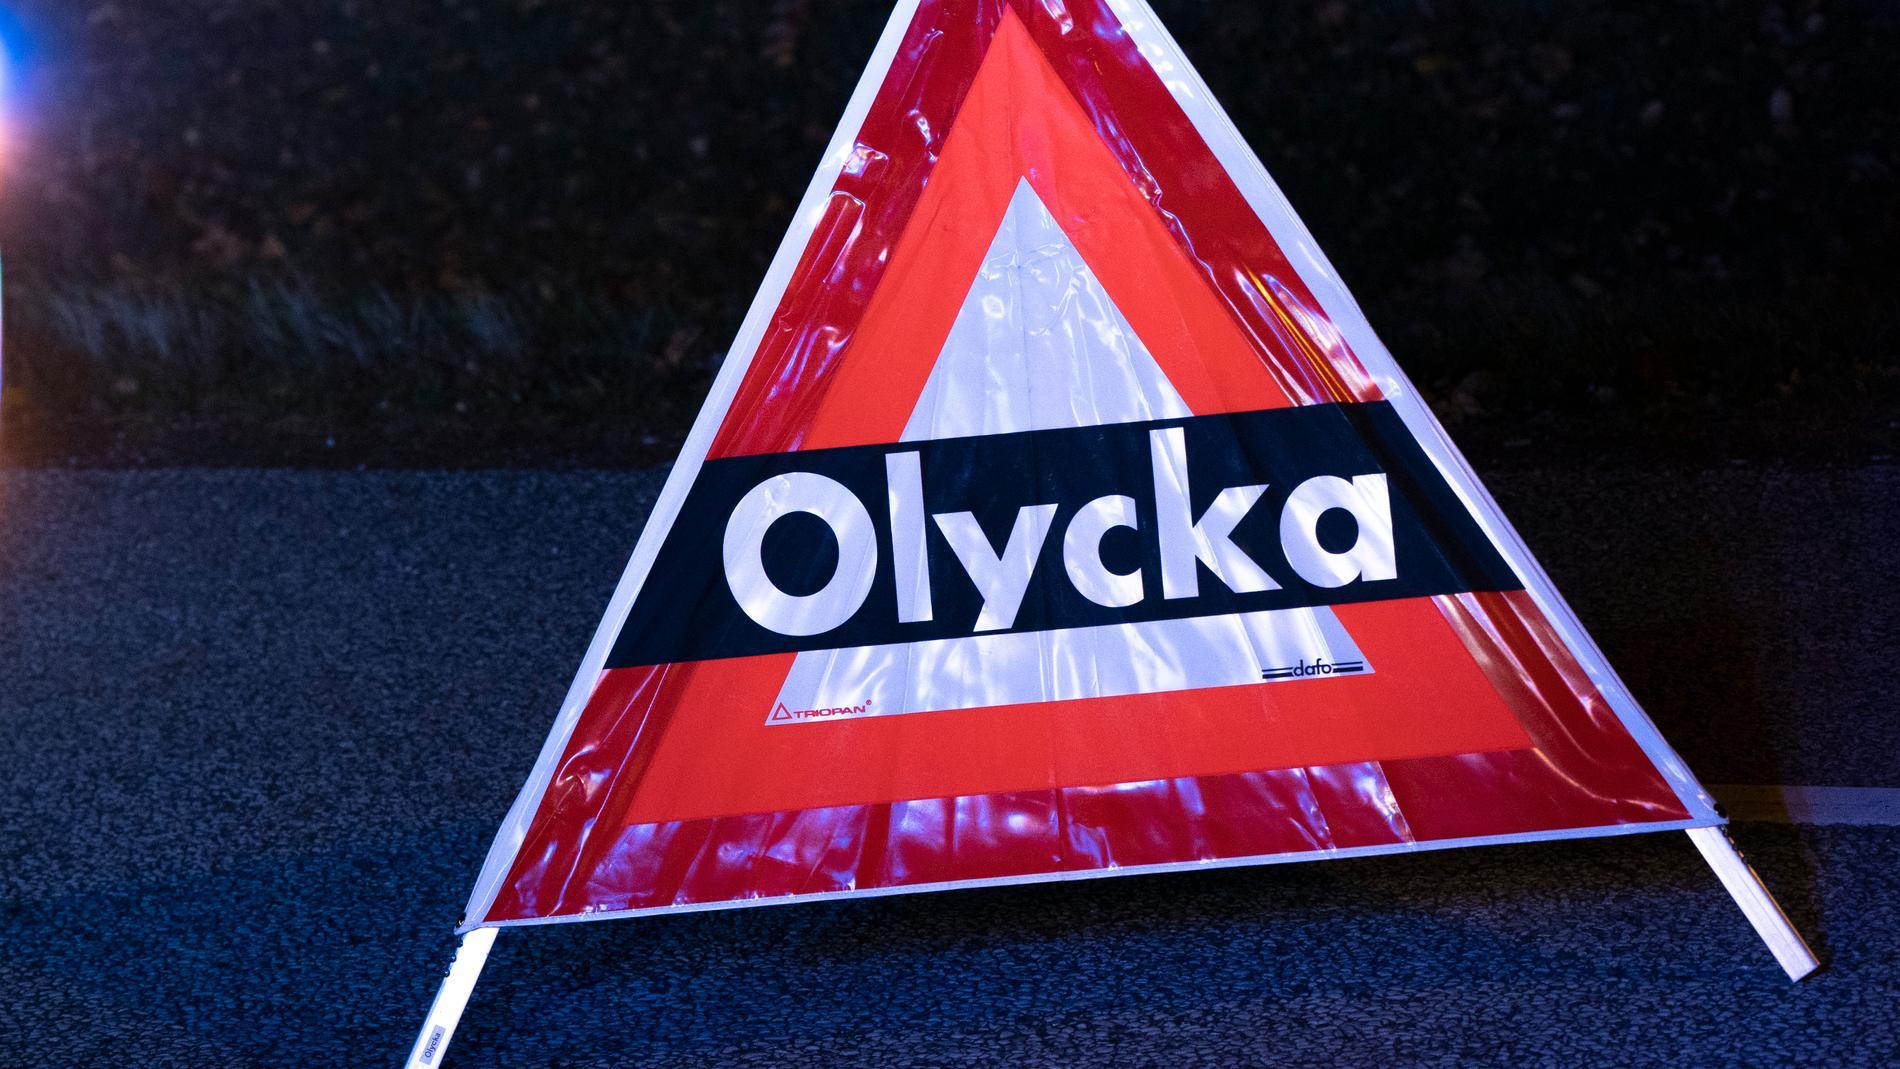 En mc-förare blev mycket allvarligt skadad i en olycka i Trollhättan strax före midnatt. Arkivbild.